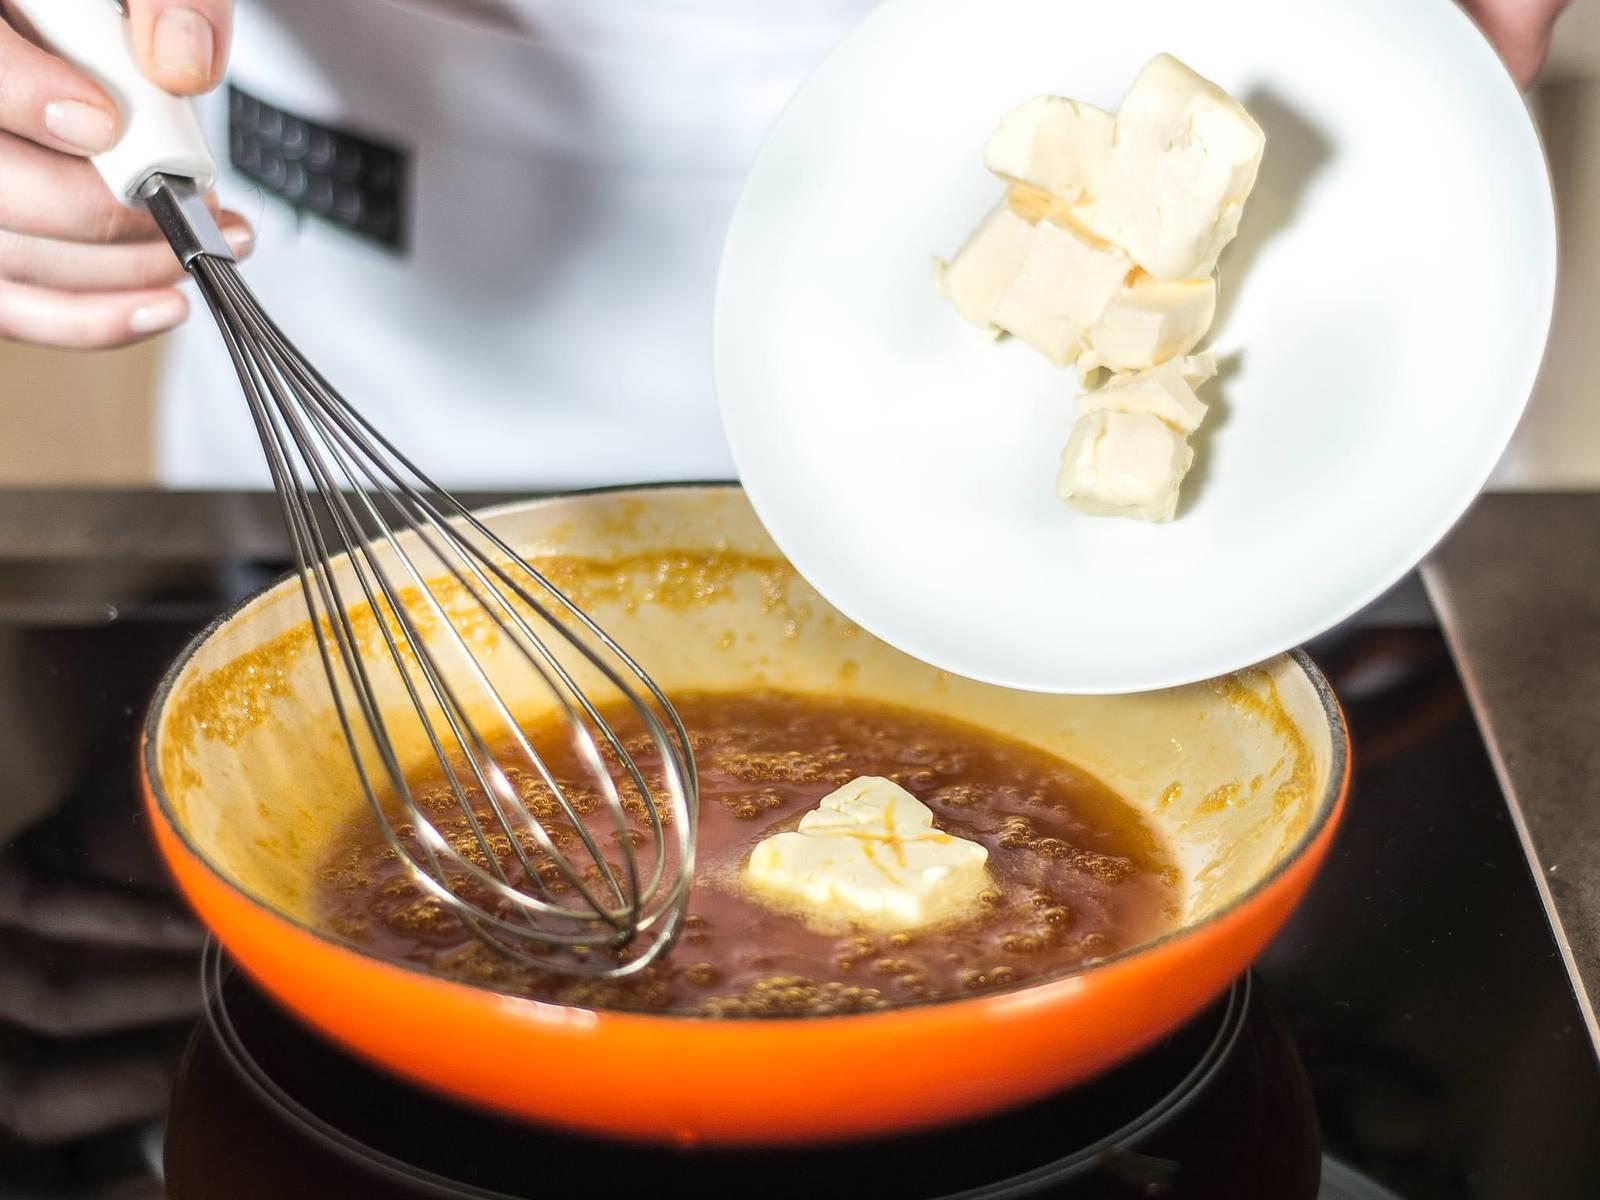 拌入黄油,制成柔滑的沙司。